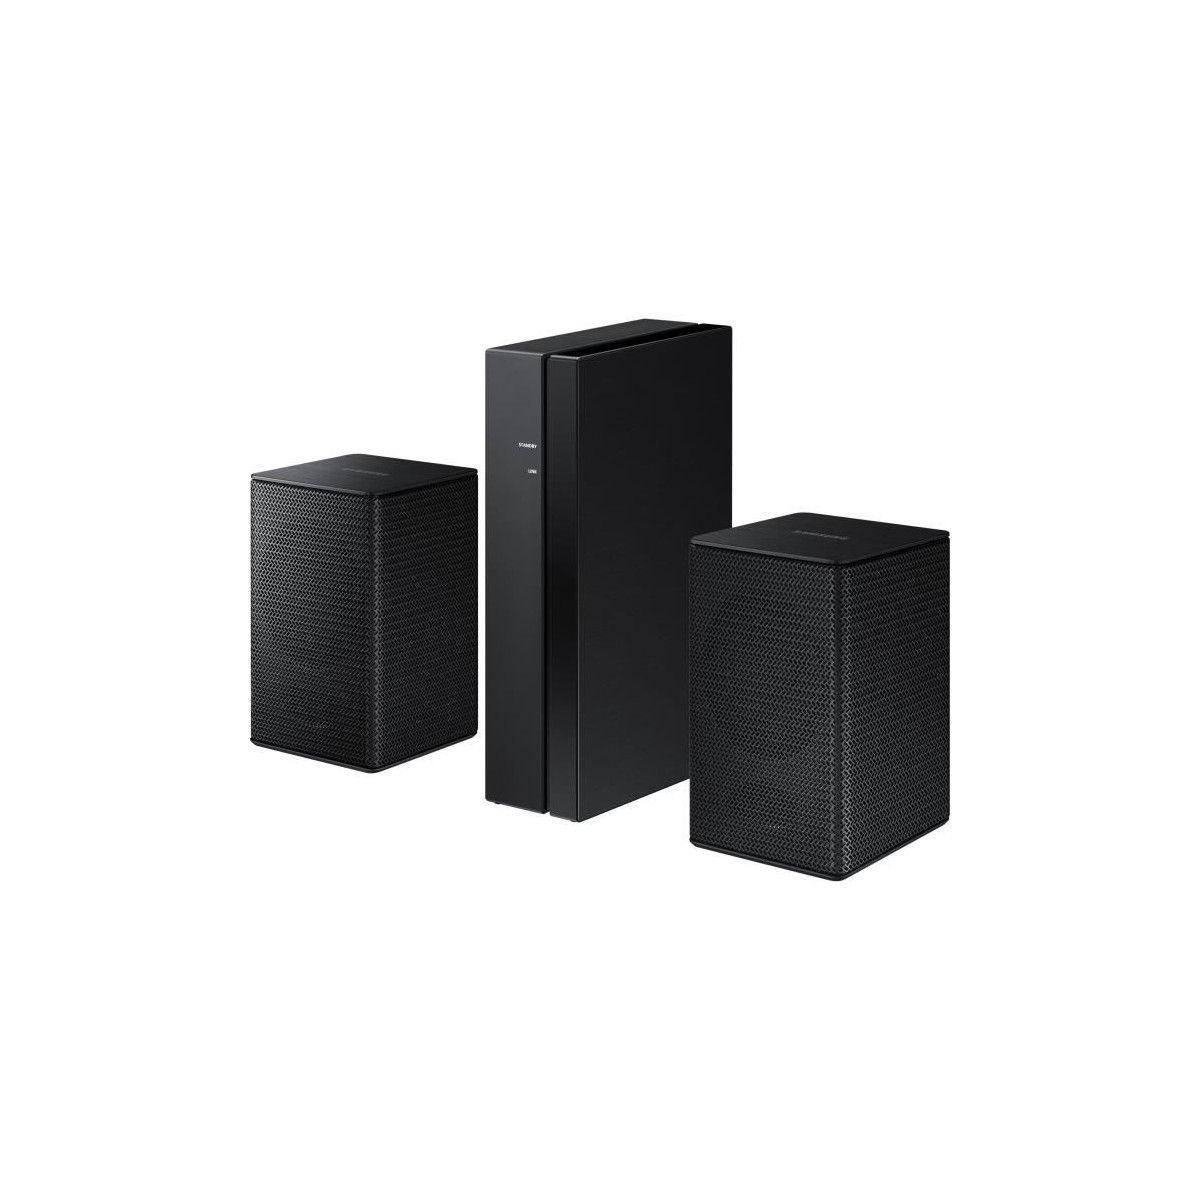 SWA-8500S Kit denceintes arrieres sans fil pour Barres de son HW-MXXX